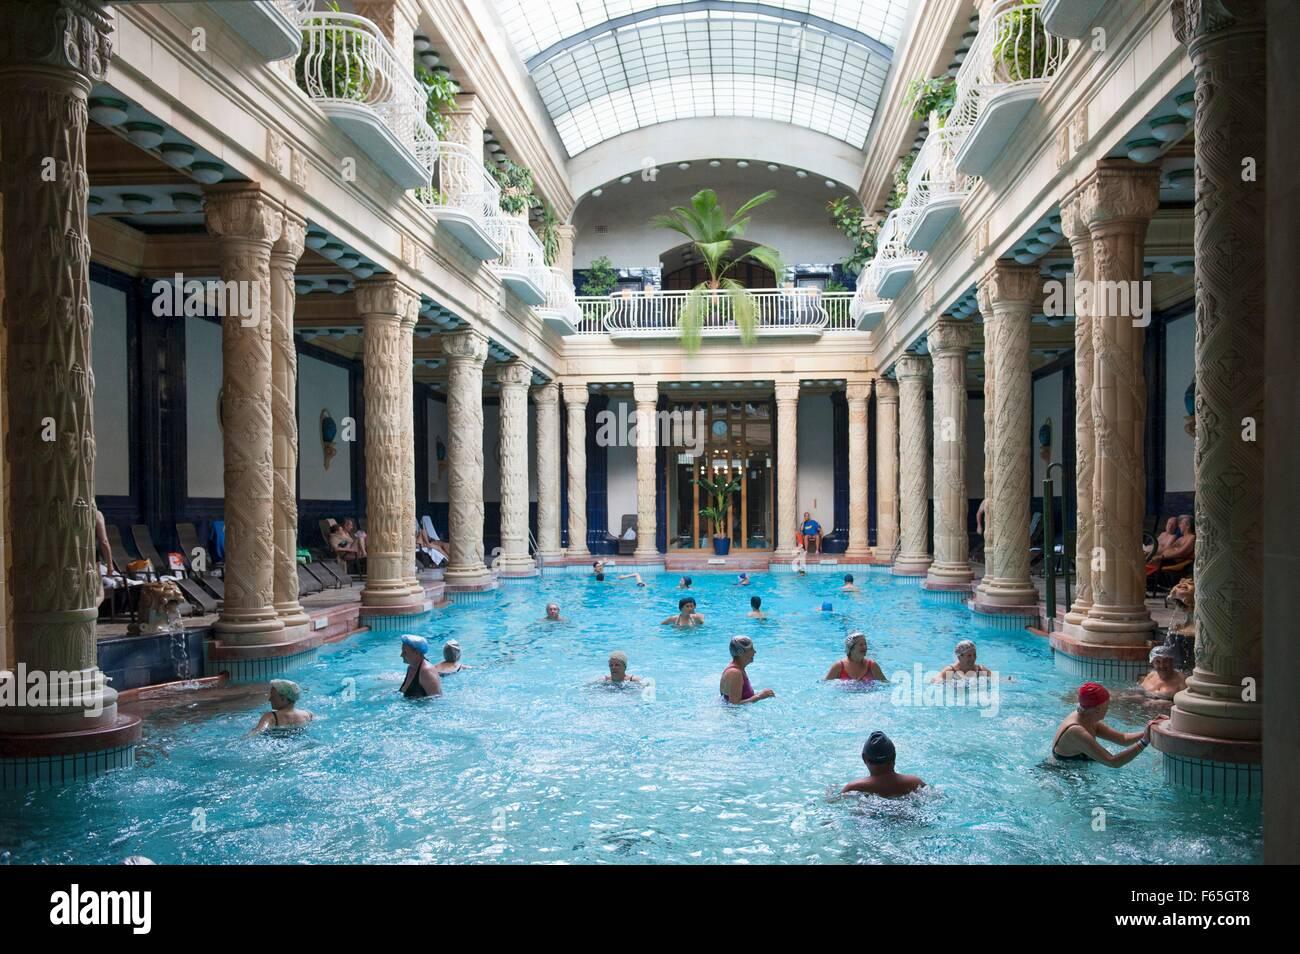 Bagni Termali Gellert : La piscina nella hall principale dellart nouveau bagni termali